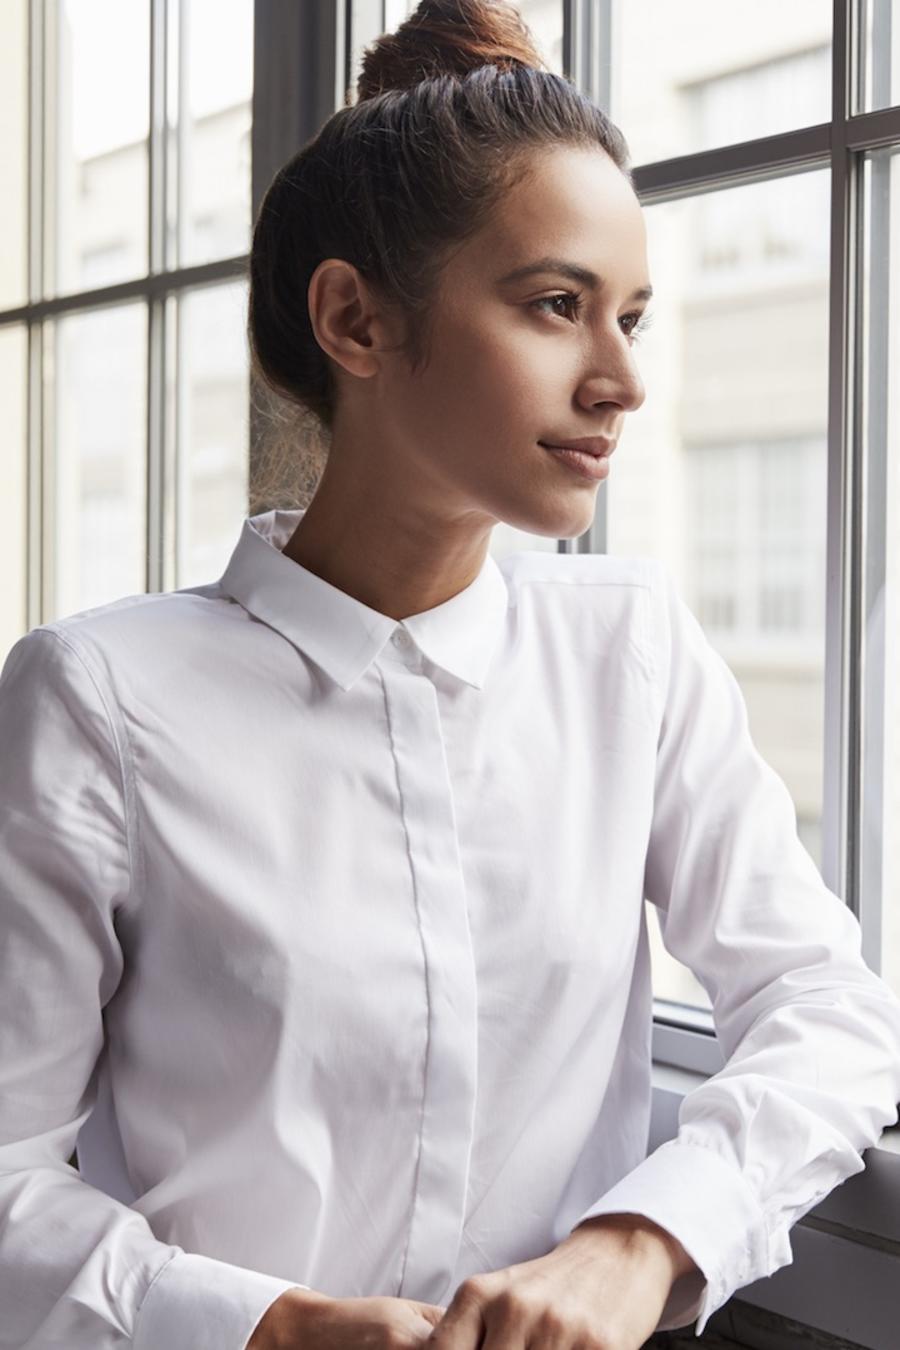 Chica con camisa mirando por la ventana